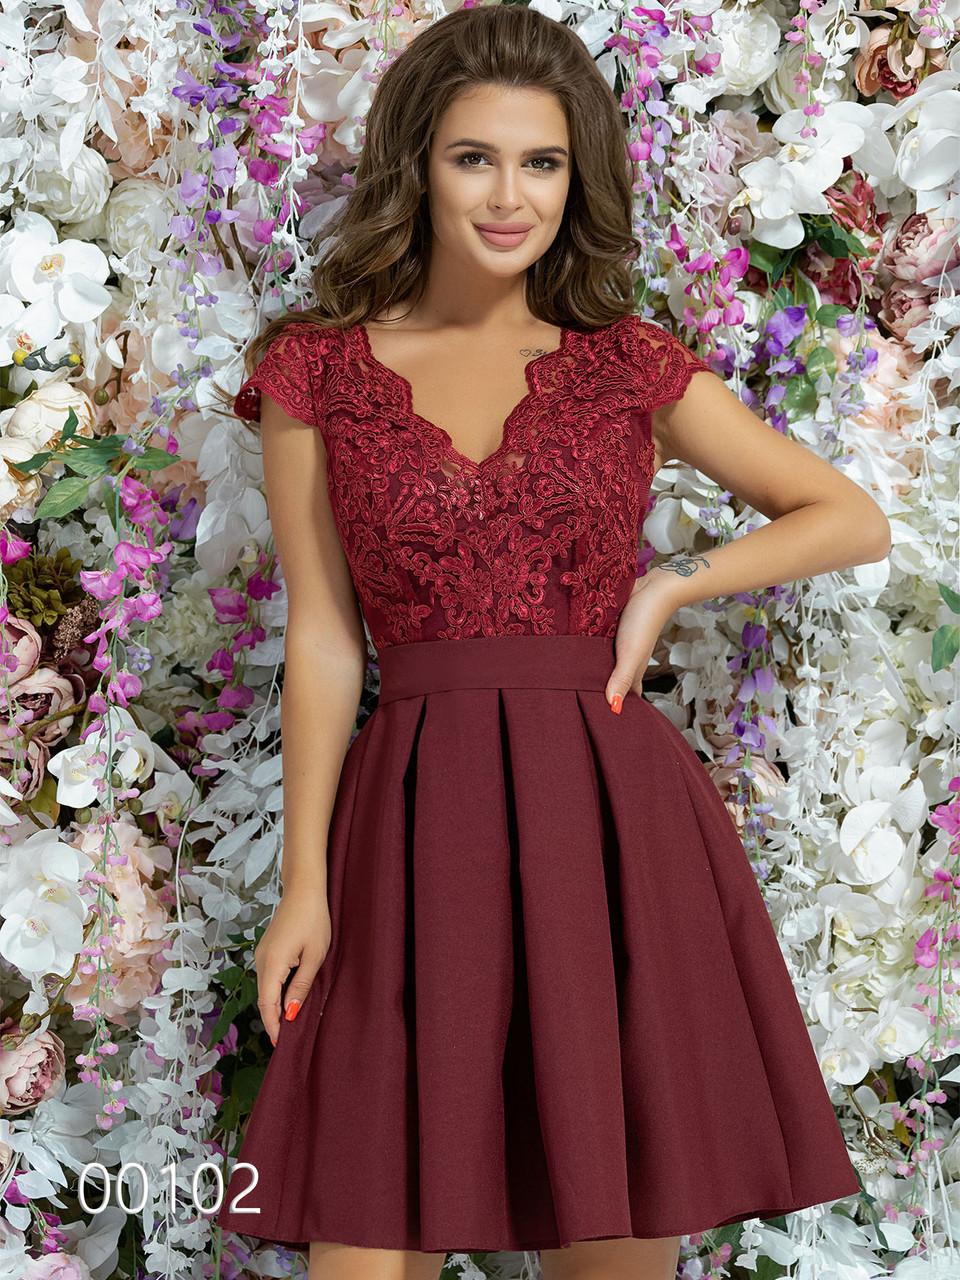 Платье с вставкой гипюра из габардина с пышной юбкой, 00102 (Бордовый), Размер 46 (L)